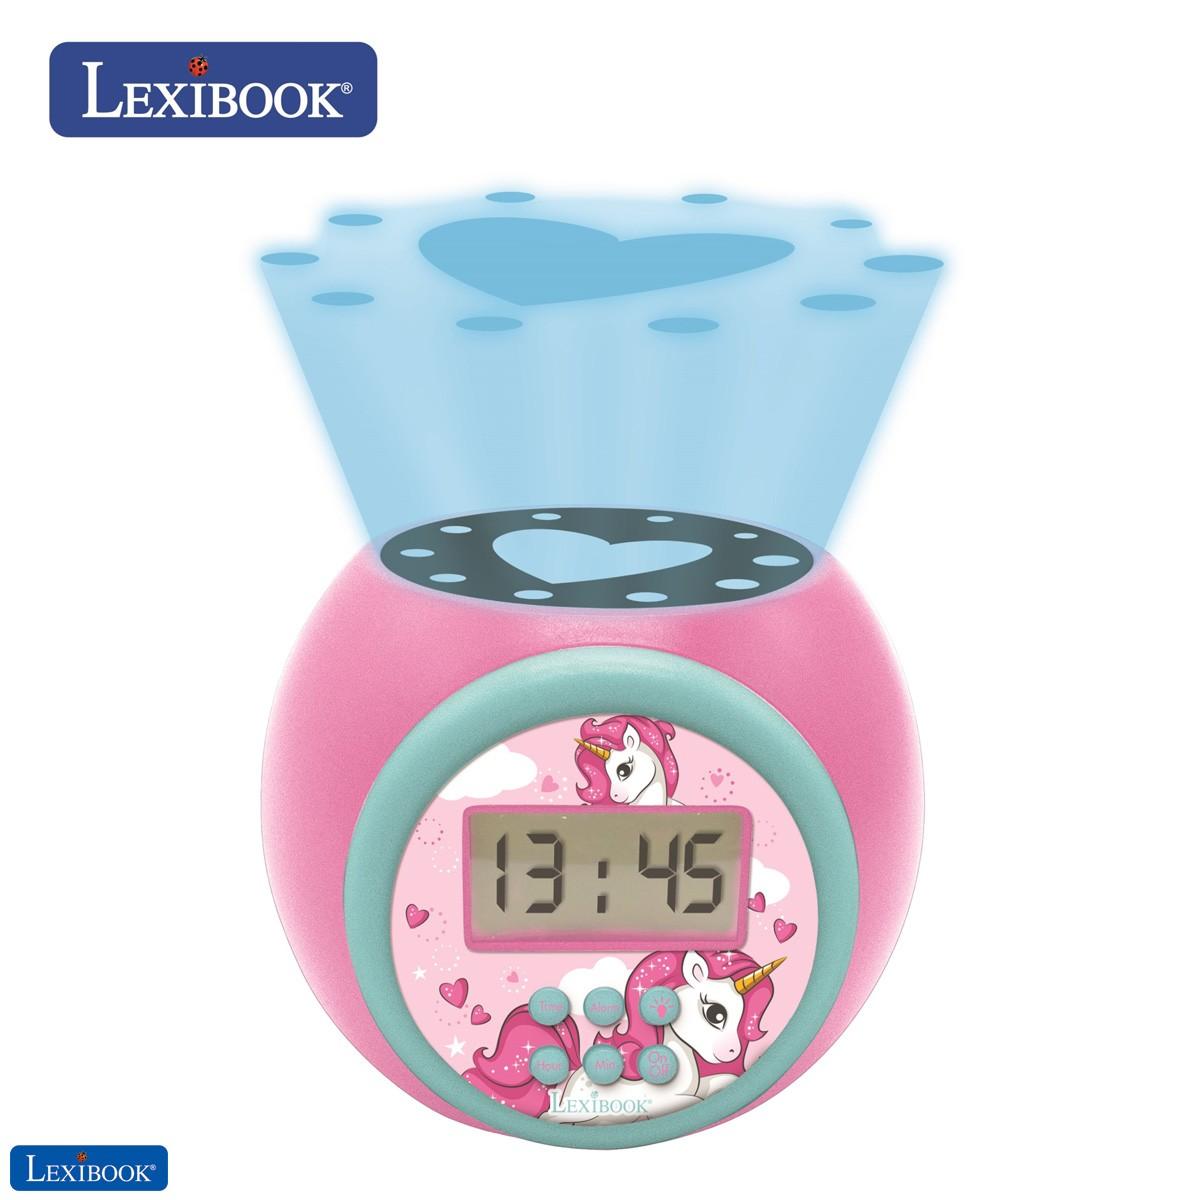 Reloj despertador con proyector unicornio con función de repetición y alarma